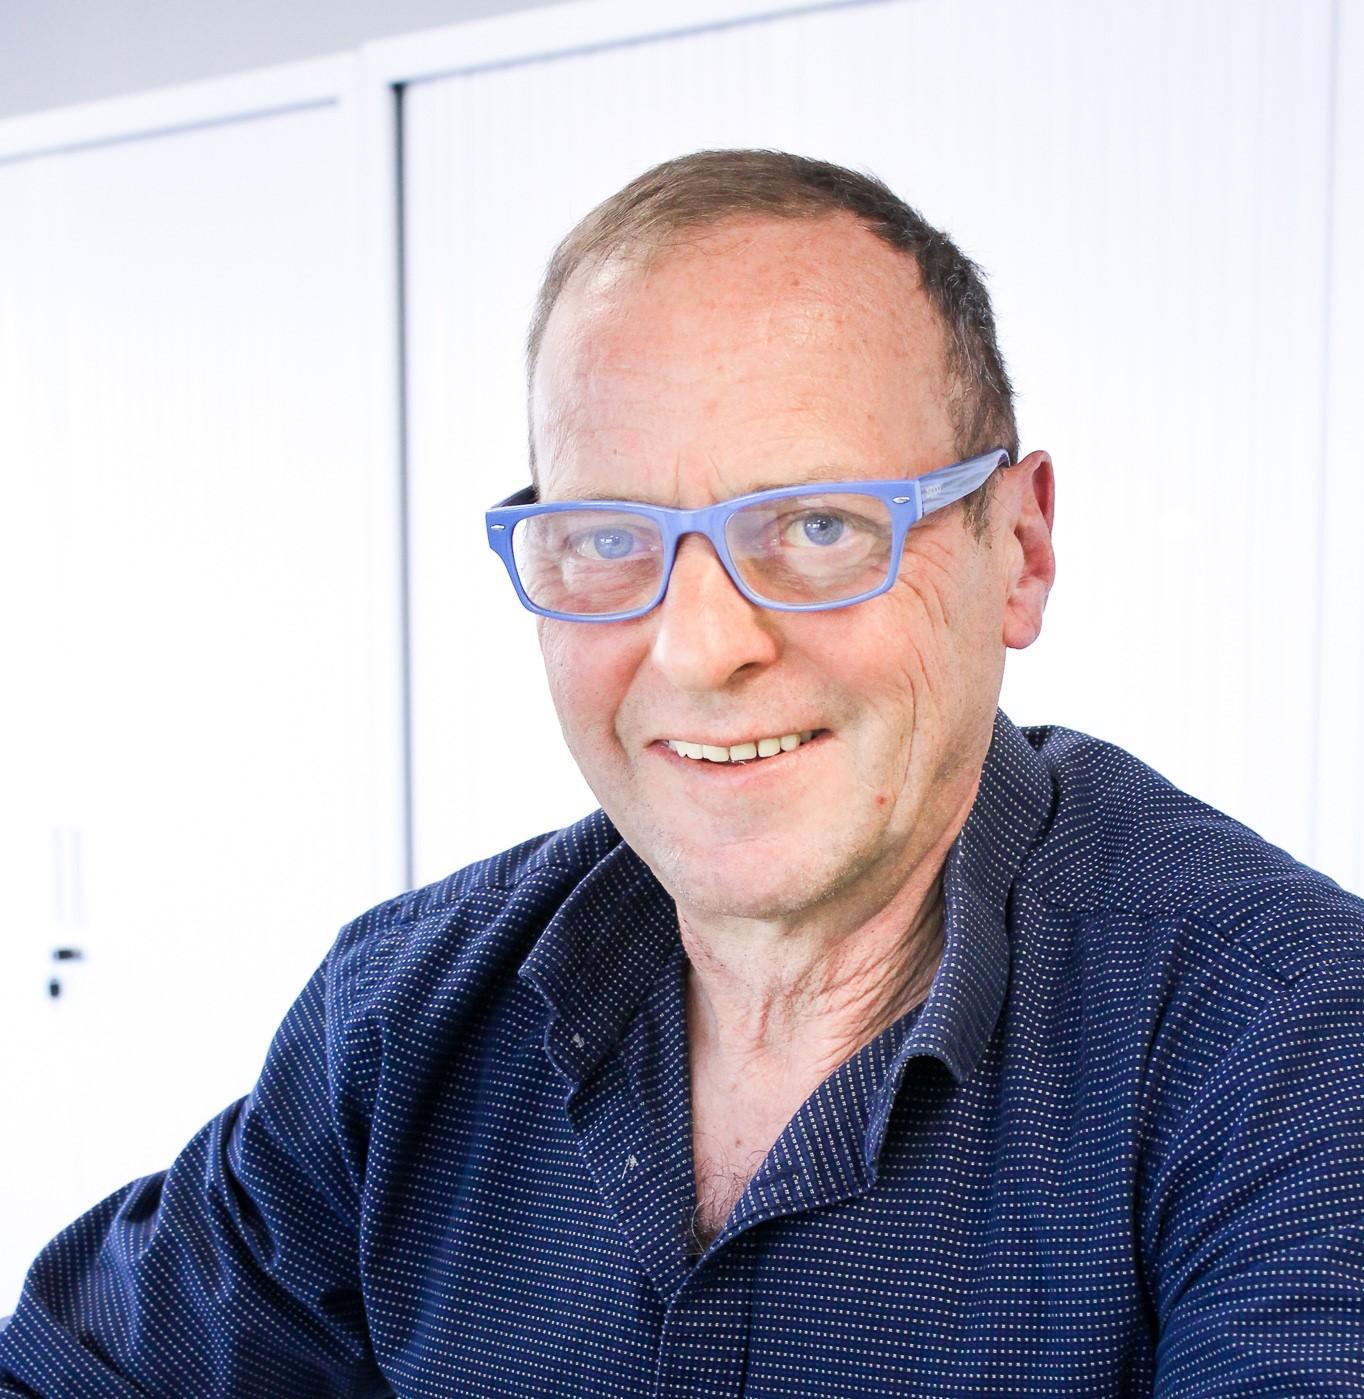 Foto van Geert Elebaut met donkerblauw hemd.